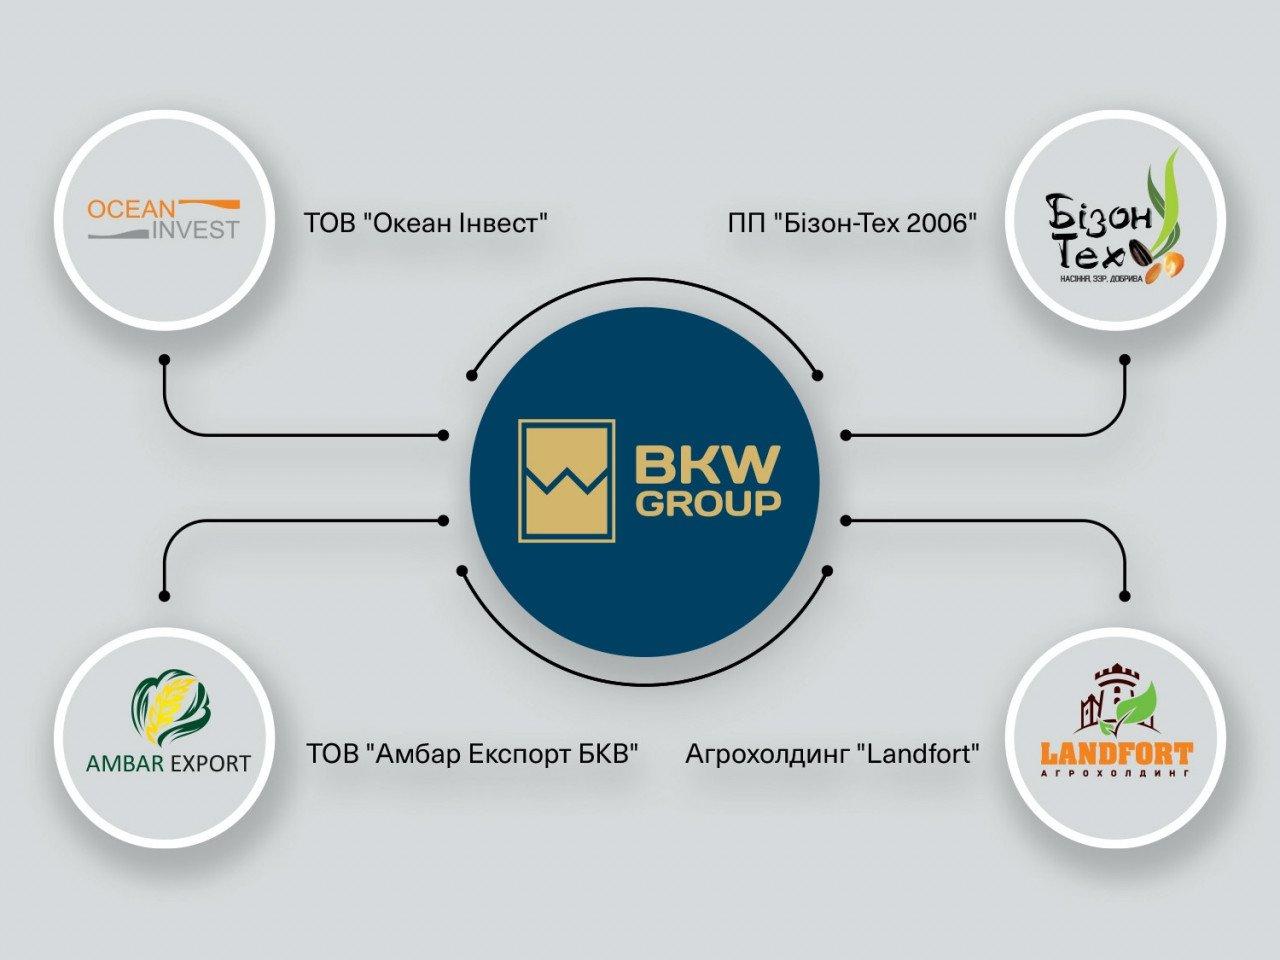 Бізон-Тех включено в структуру BKW